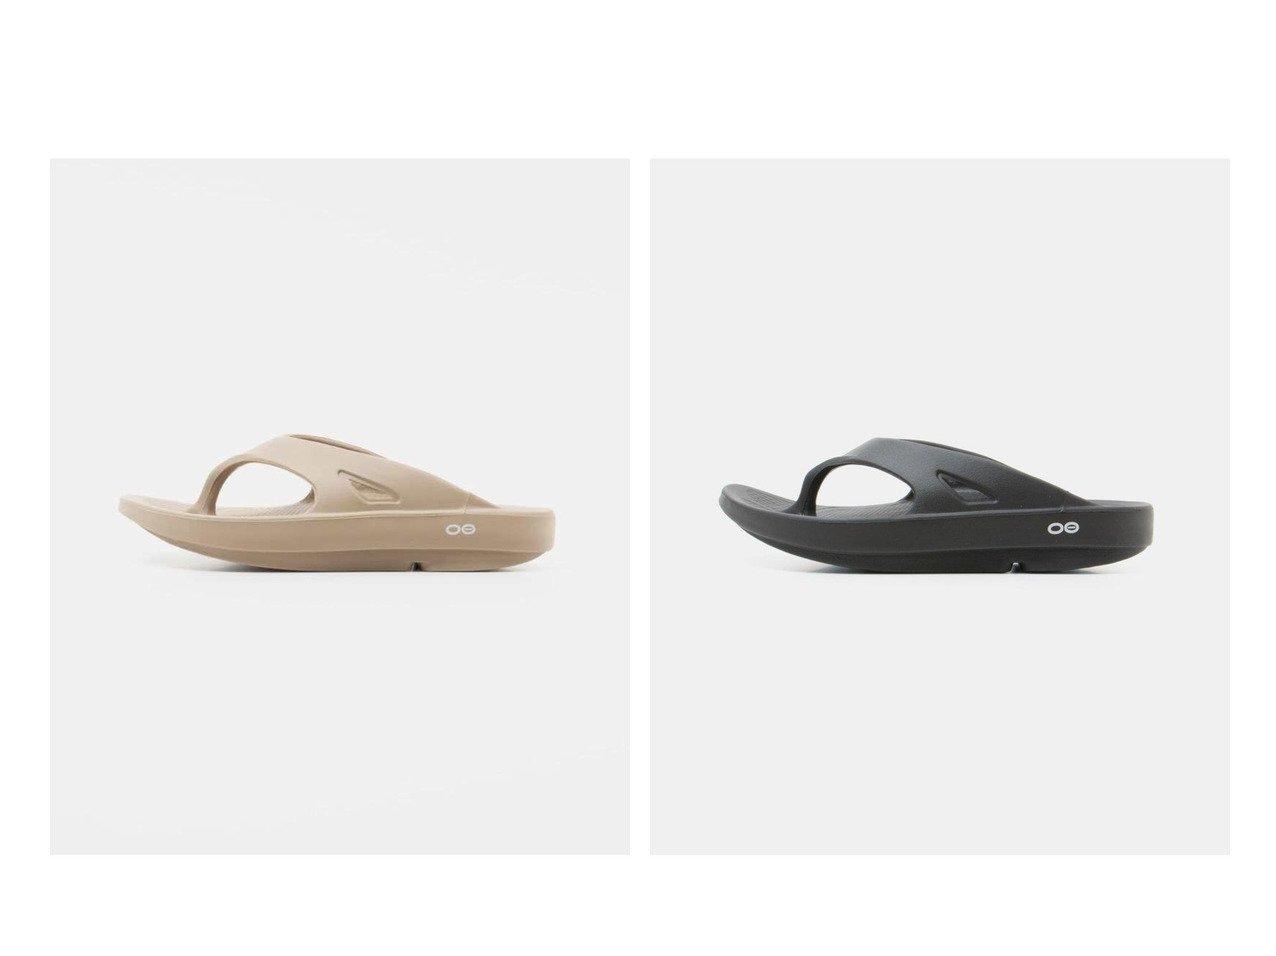 【URBS / URBAN RESEARCH/ユーアールビーエス】のOOFOS Ooriginal 【シューズ・靴】おすすめ!人気、トレンド・レディースファッションの通販  おすすめで人気の流行・トレンド、ファッションの通販商品 インテリア・家具・メンズファッション・キッズファッション・レディースファッション・服の通販 founy(ファニー) https://founy.com/ ファッション Fashion レディースファッション WOMEN サンダル シューズ スポーツ トレーナー ミュール 2021年 2021 S/S・春夏 SS・Spring/Summer 2021春夏・S/S SS/Spring/Summer/2021 NEW・新作・新着・新入荷 New Arrivals |ID:crp329100000053895